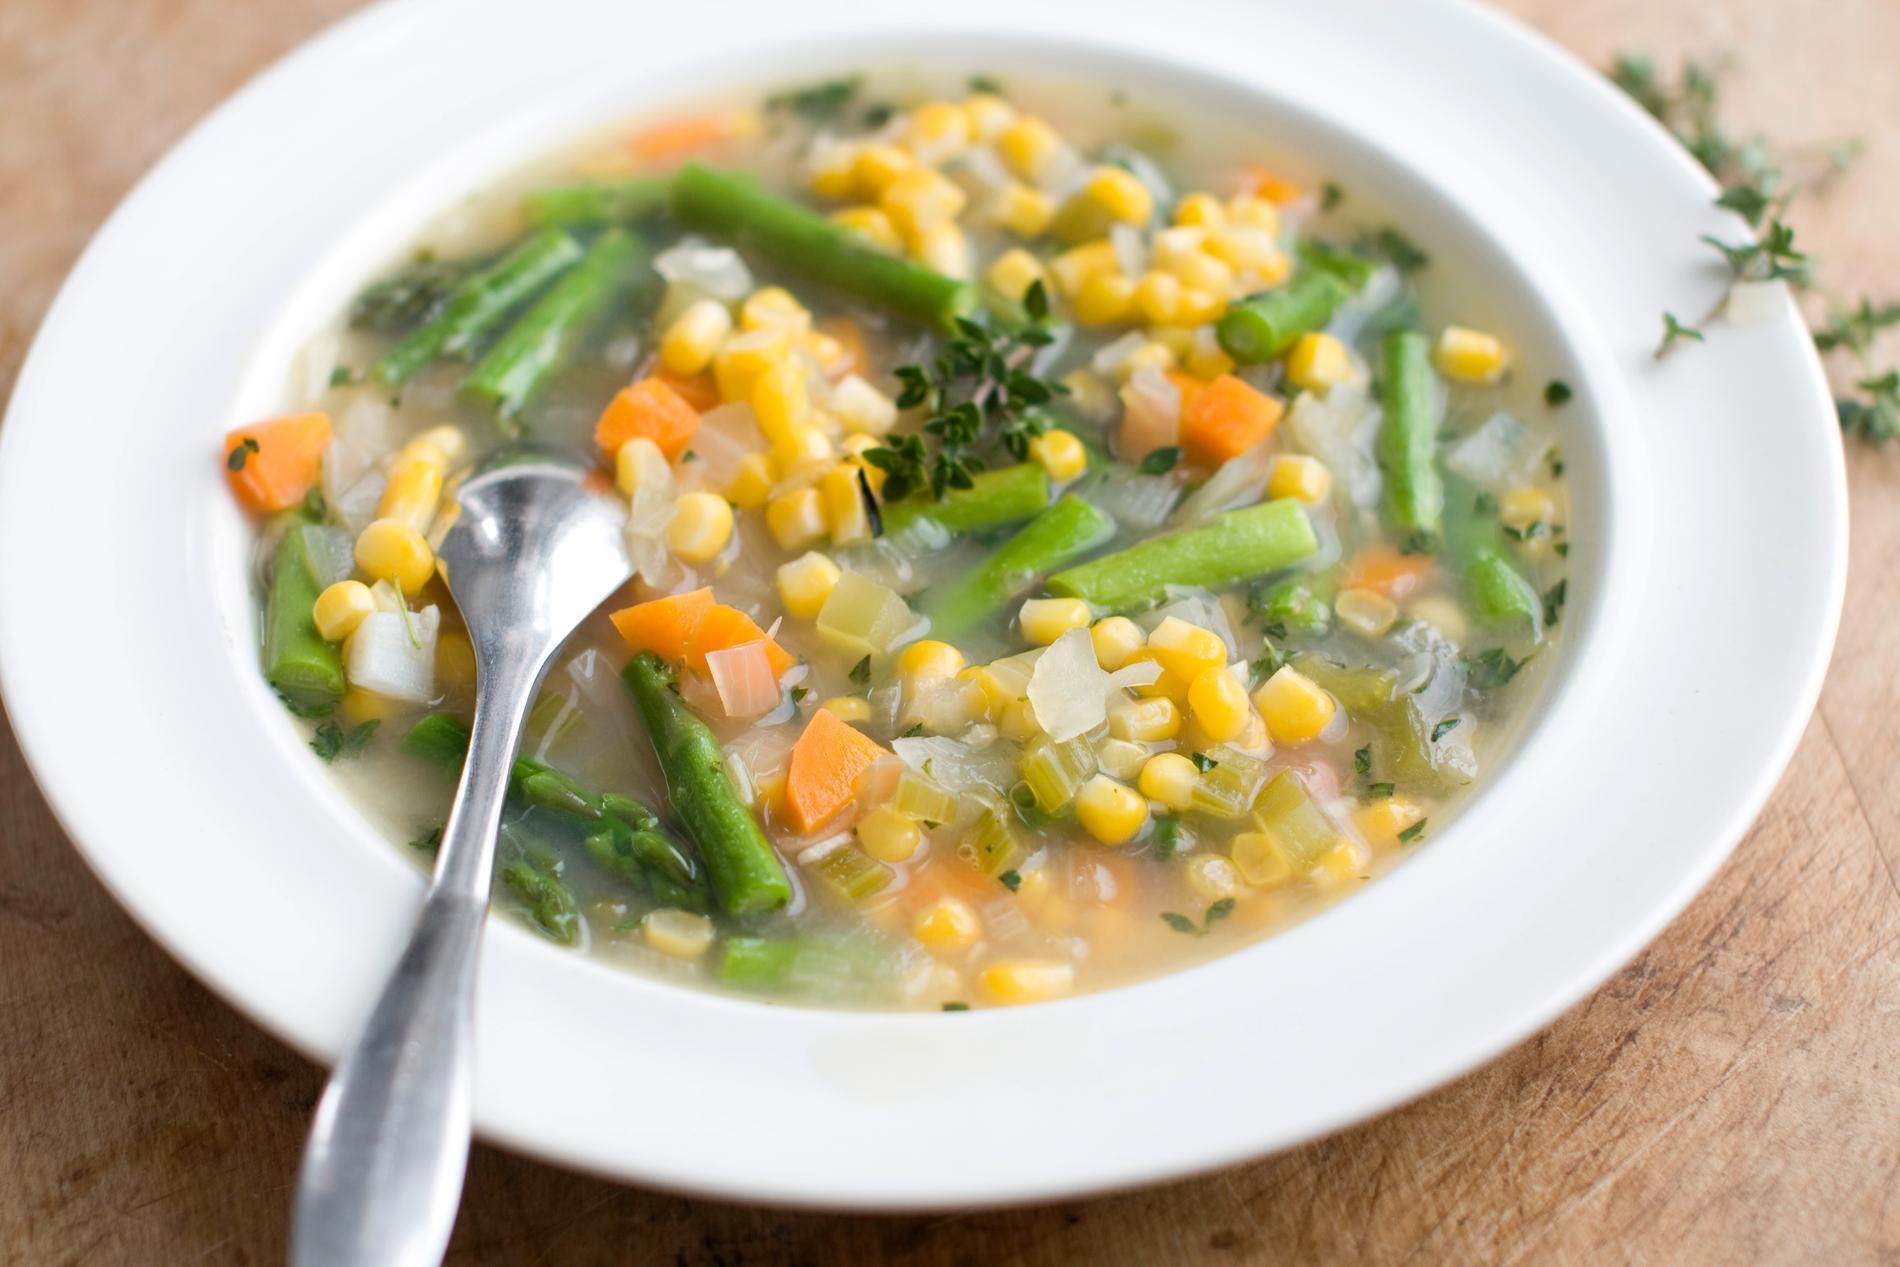 Grönsakssoppa är mest populära vegetariska alternativet bland svenskarna, visar Food and Friends årliga matrapport.